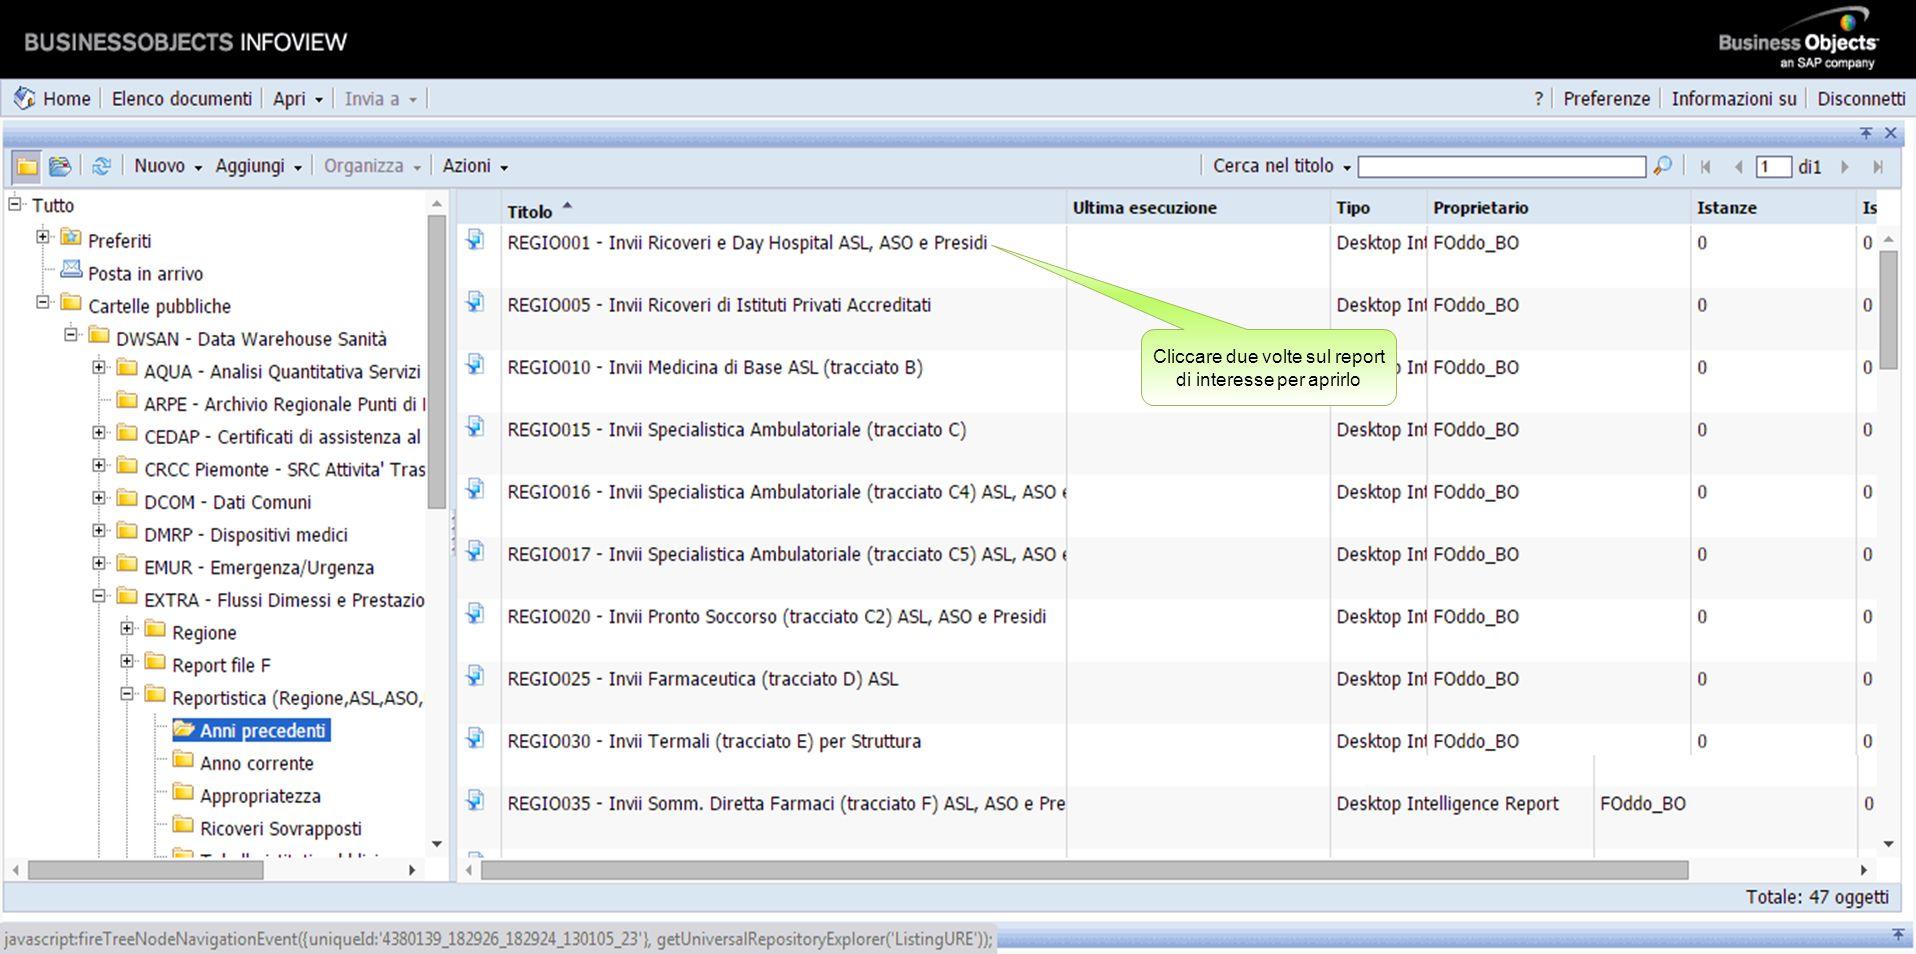 Ciascuna pagina visualizza un elenco di 10 report. Possono essere presenti più pagine. Cliccare sulle frecce di scorrimento, per visualizzare le pagin